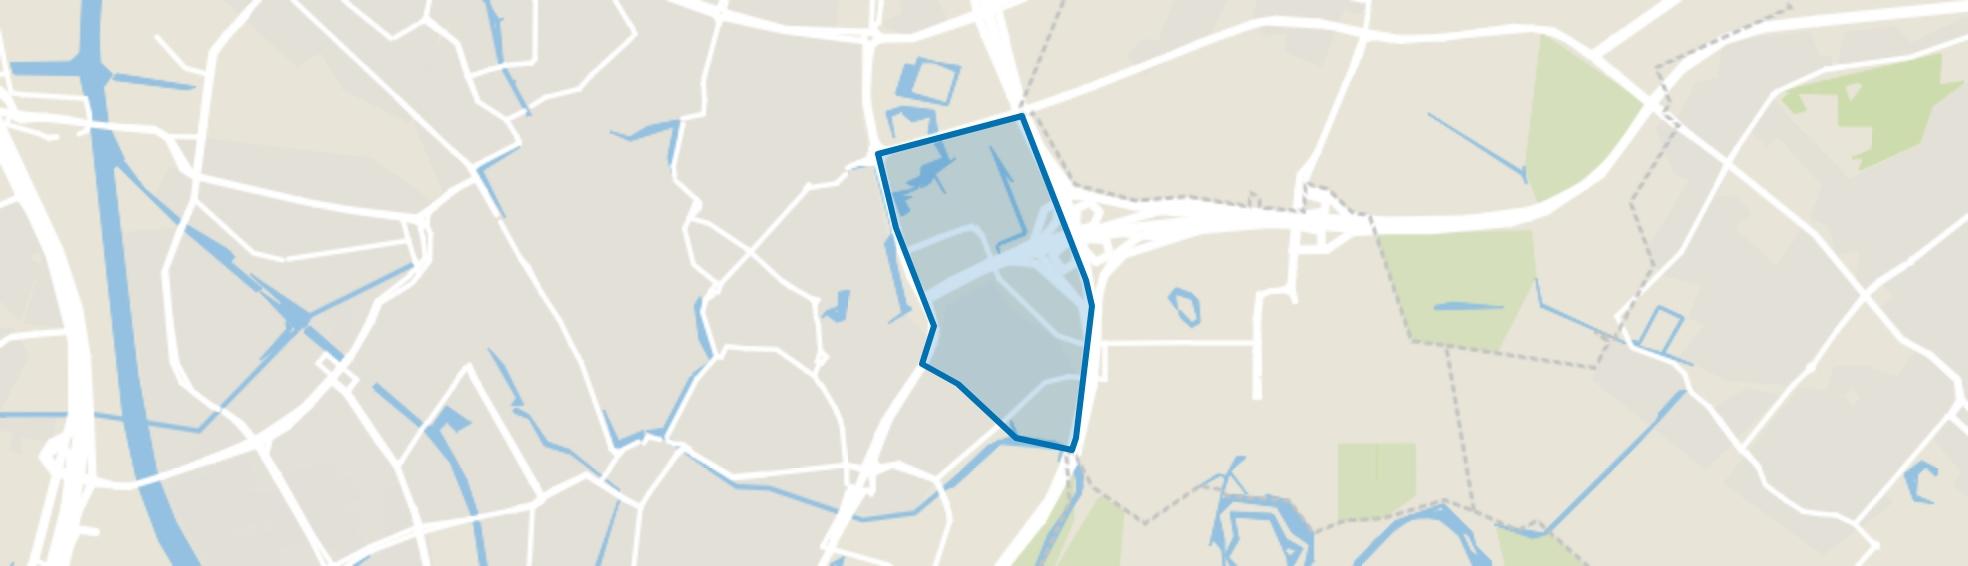 Rijnsweerd, Utrecht map